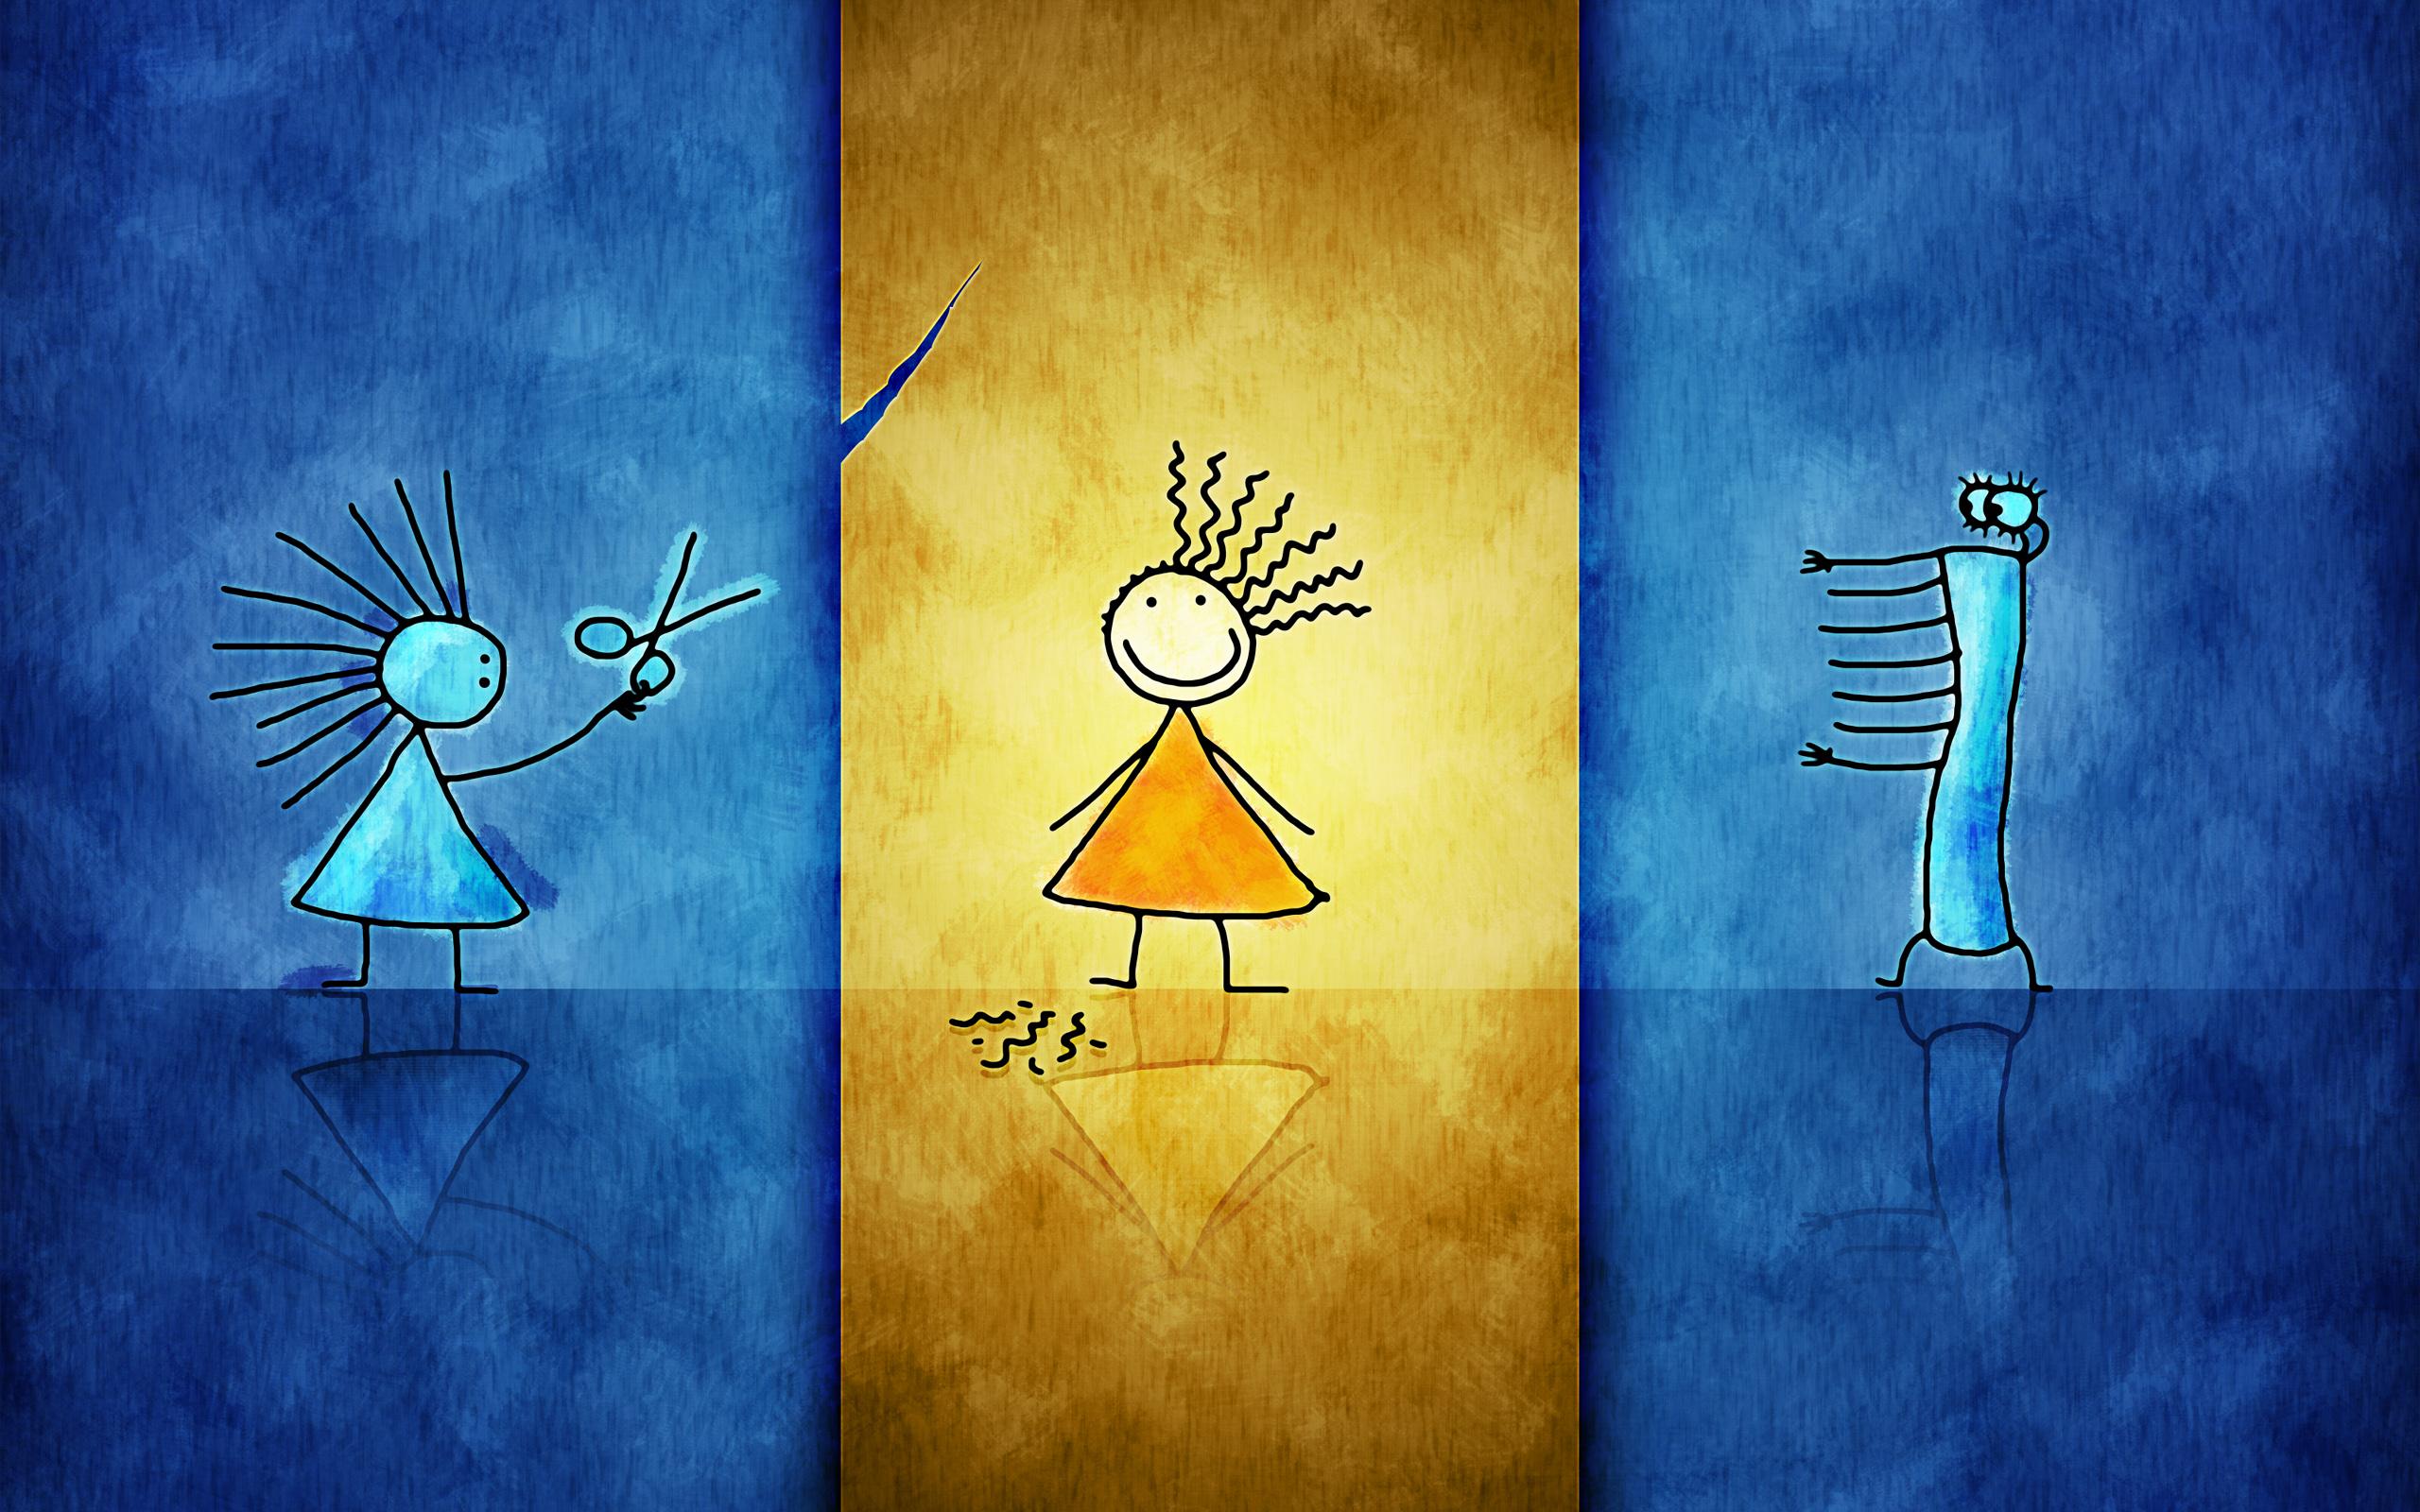 Картинка: Девочки, стрижка, ножницы, юбка, синий, жёлтый, лента, большеглазый